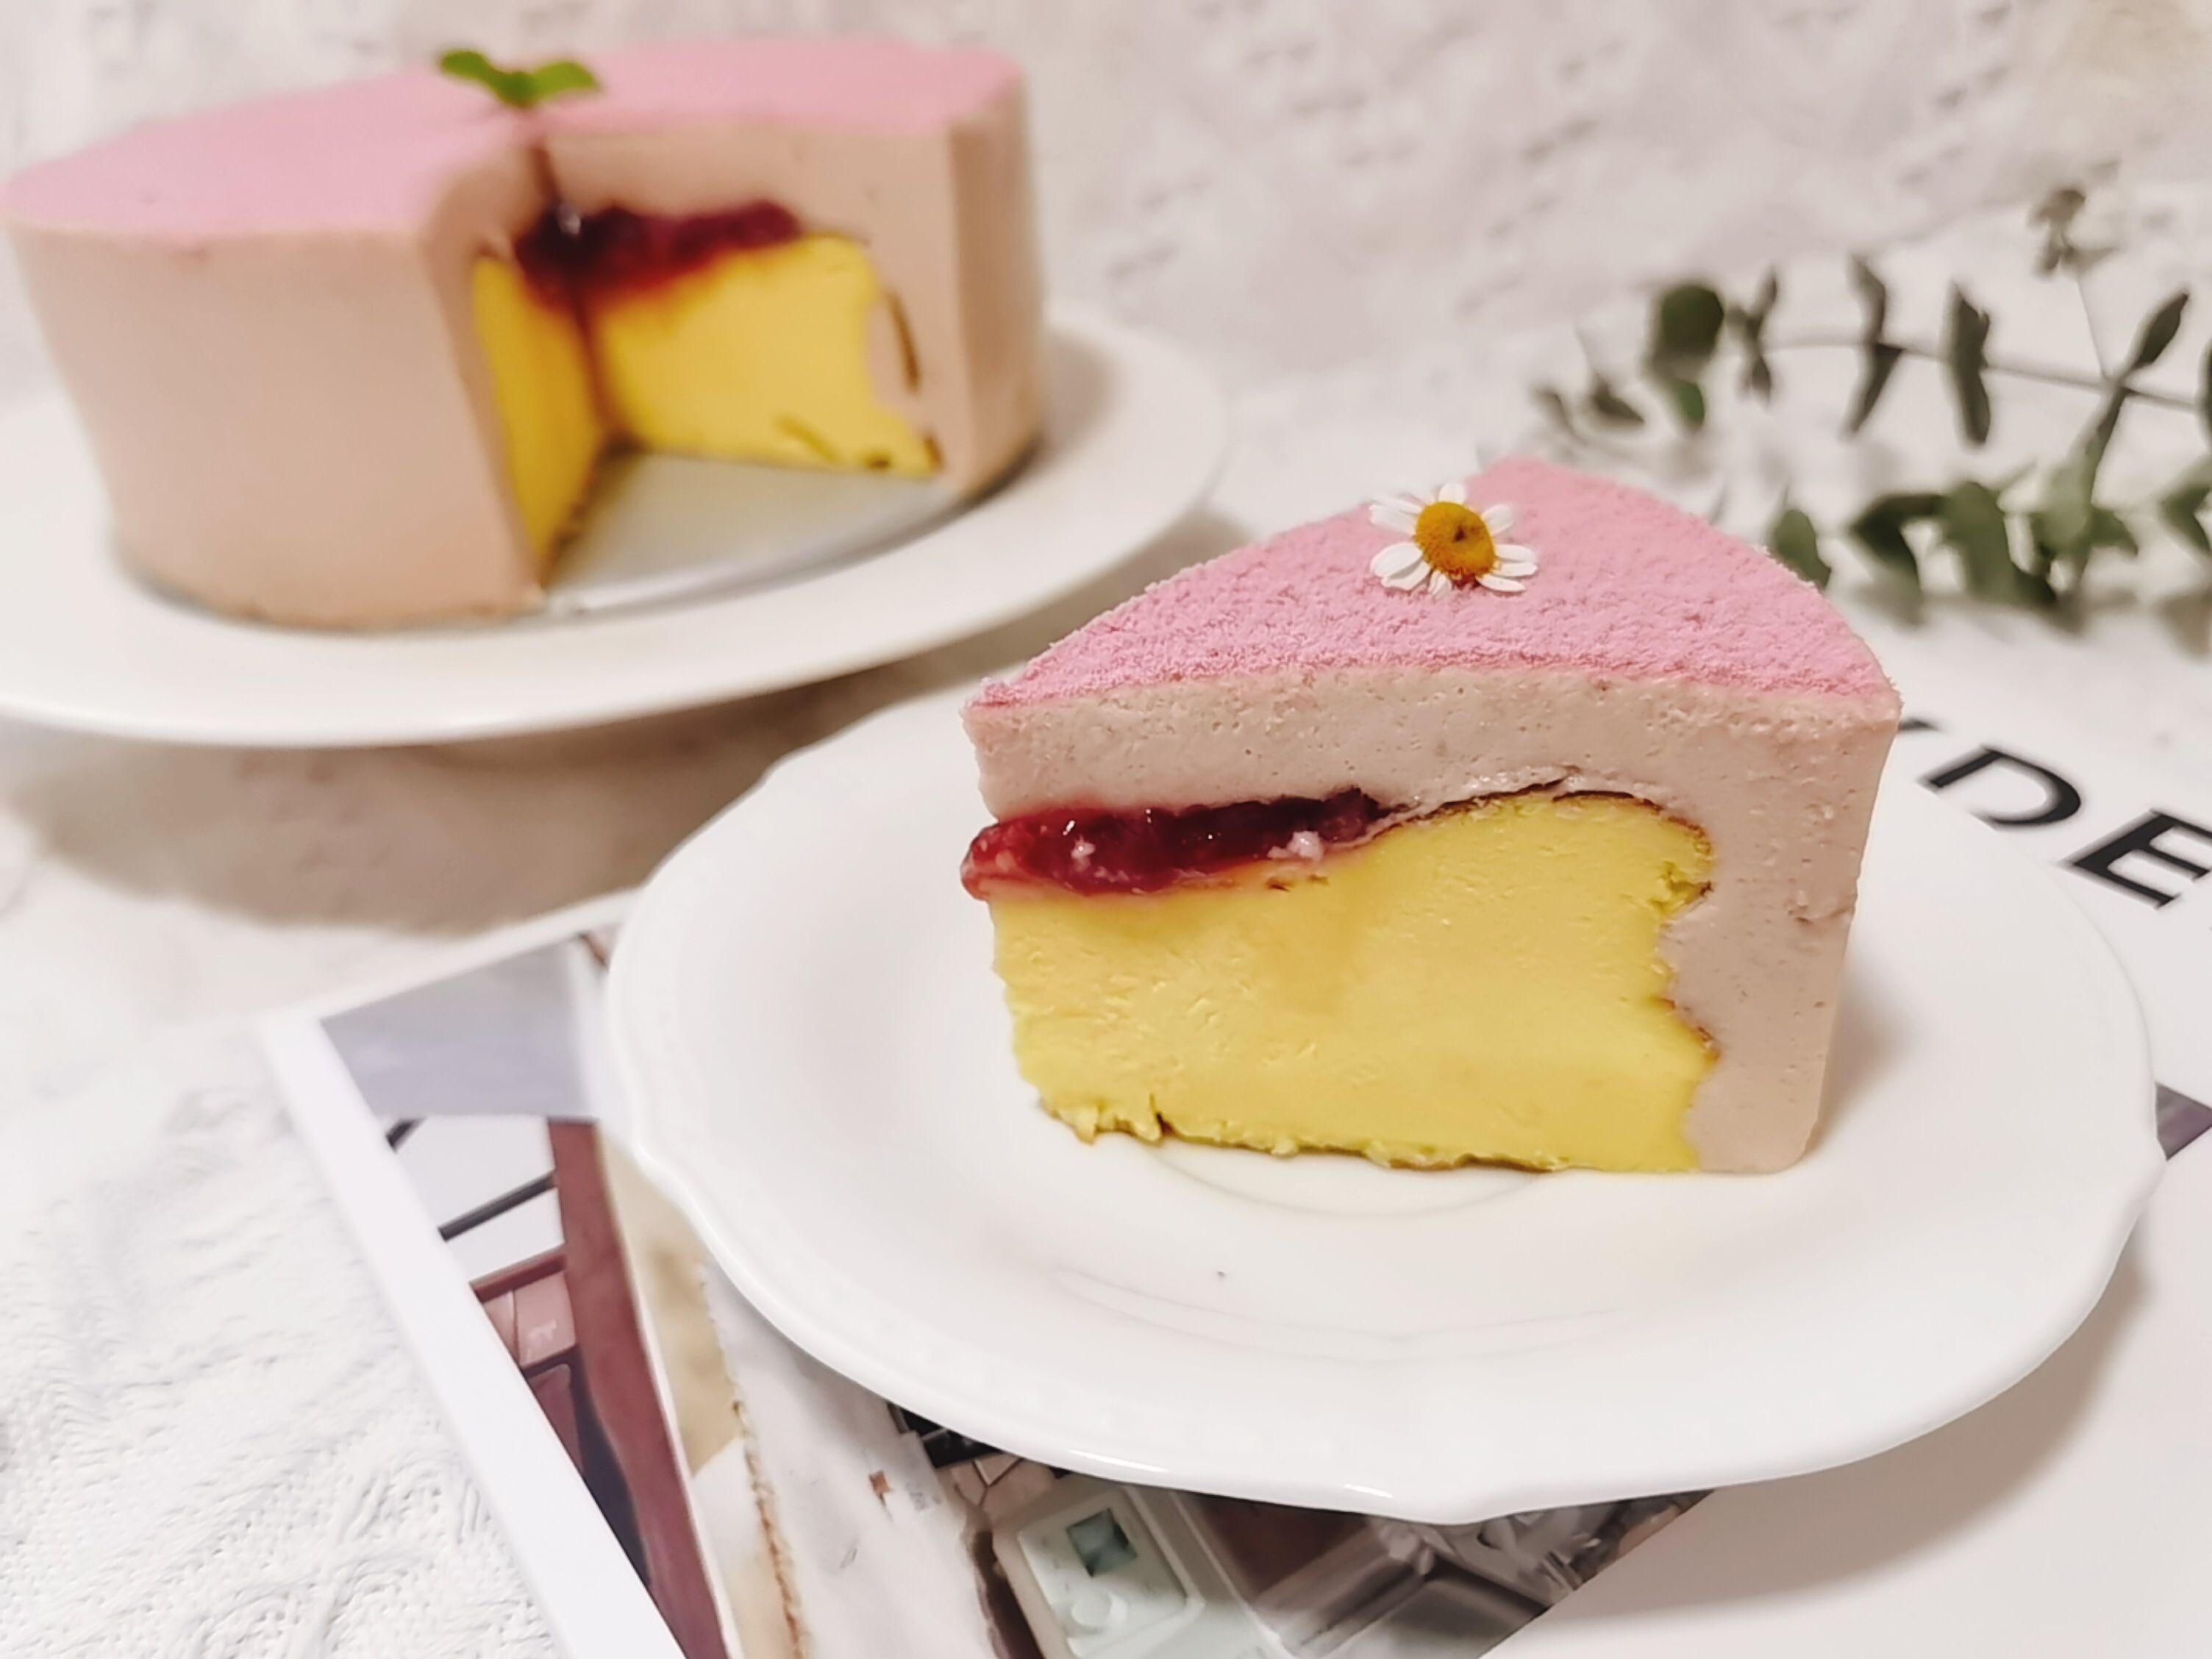 粉红色的回忆——草莓慕斯巴斯克怎么炖